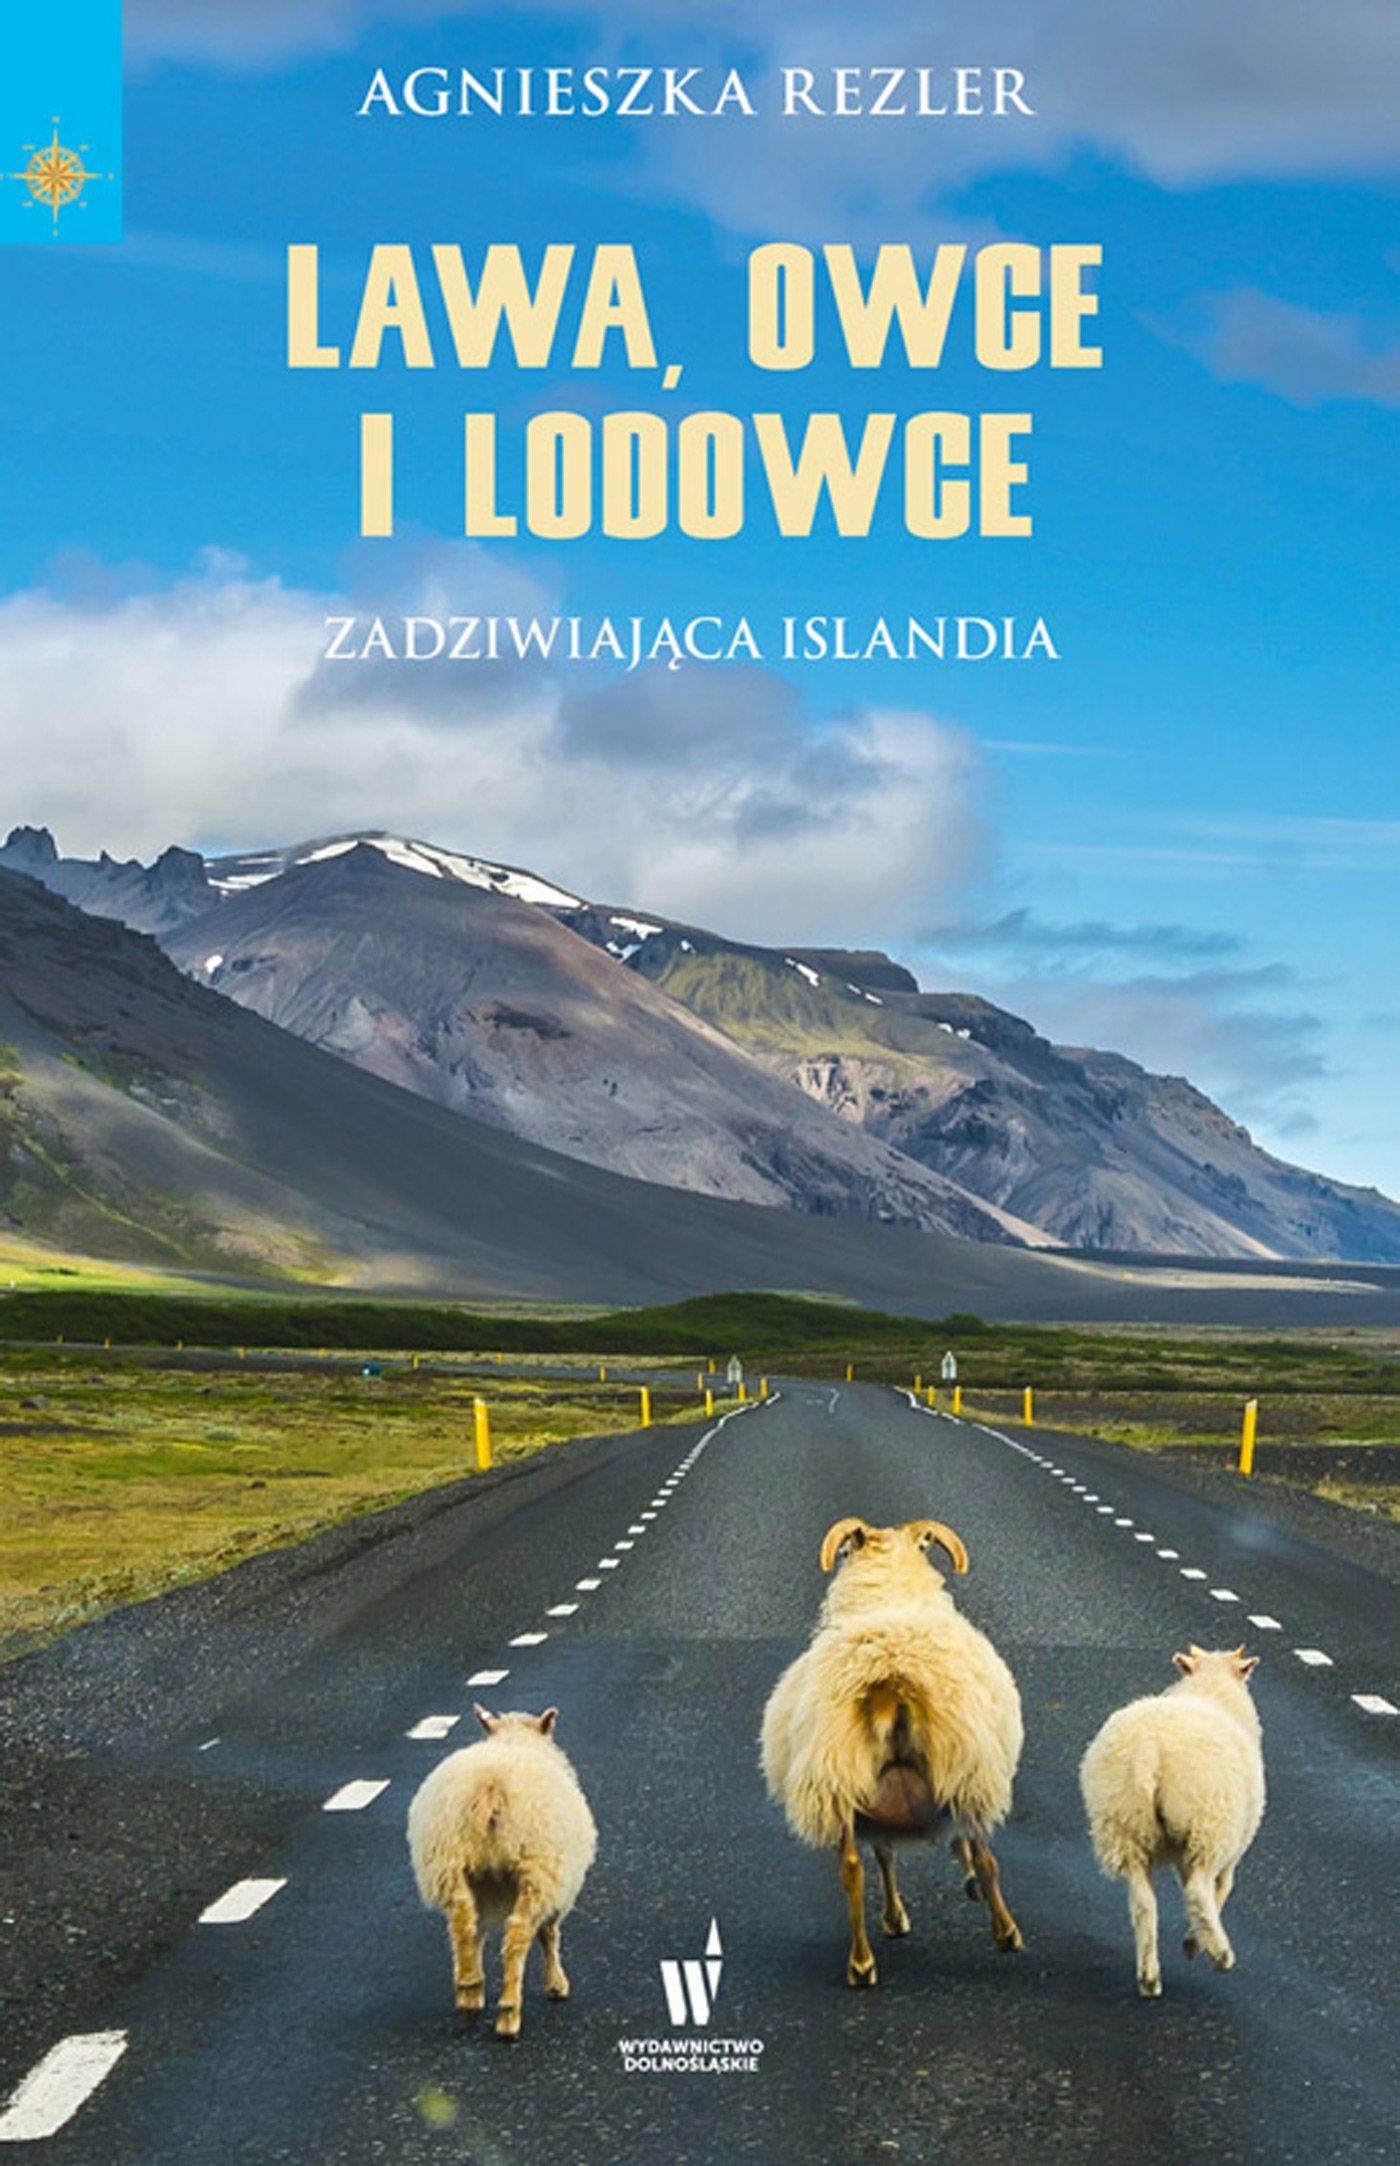 Lawa, owce i lodowce - Ebook (Książka na Kindle) do pobrania w formacie MOBI